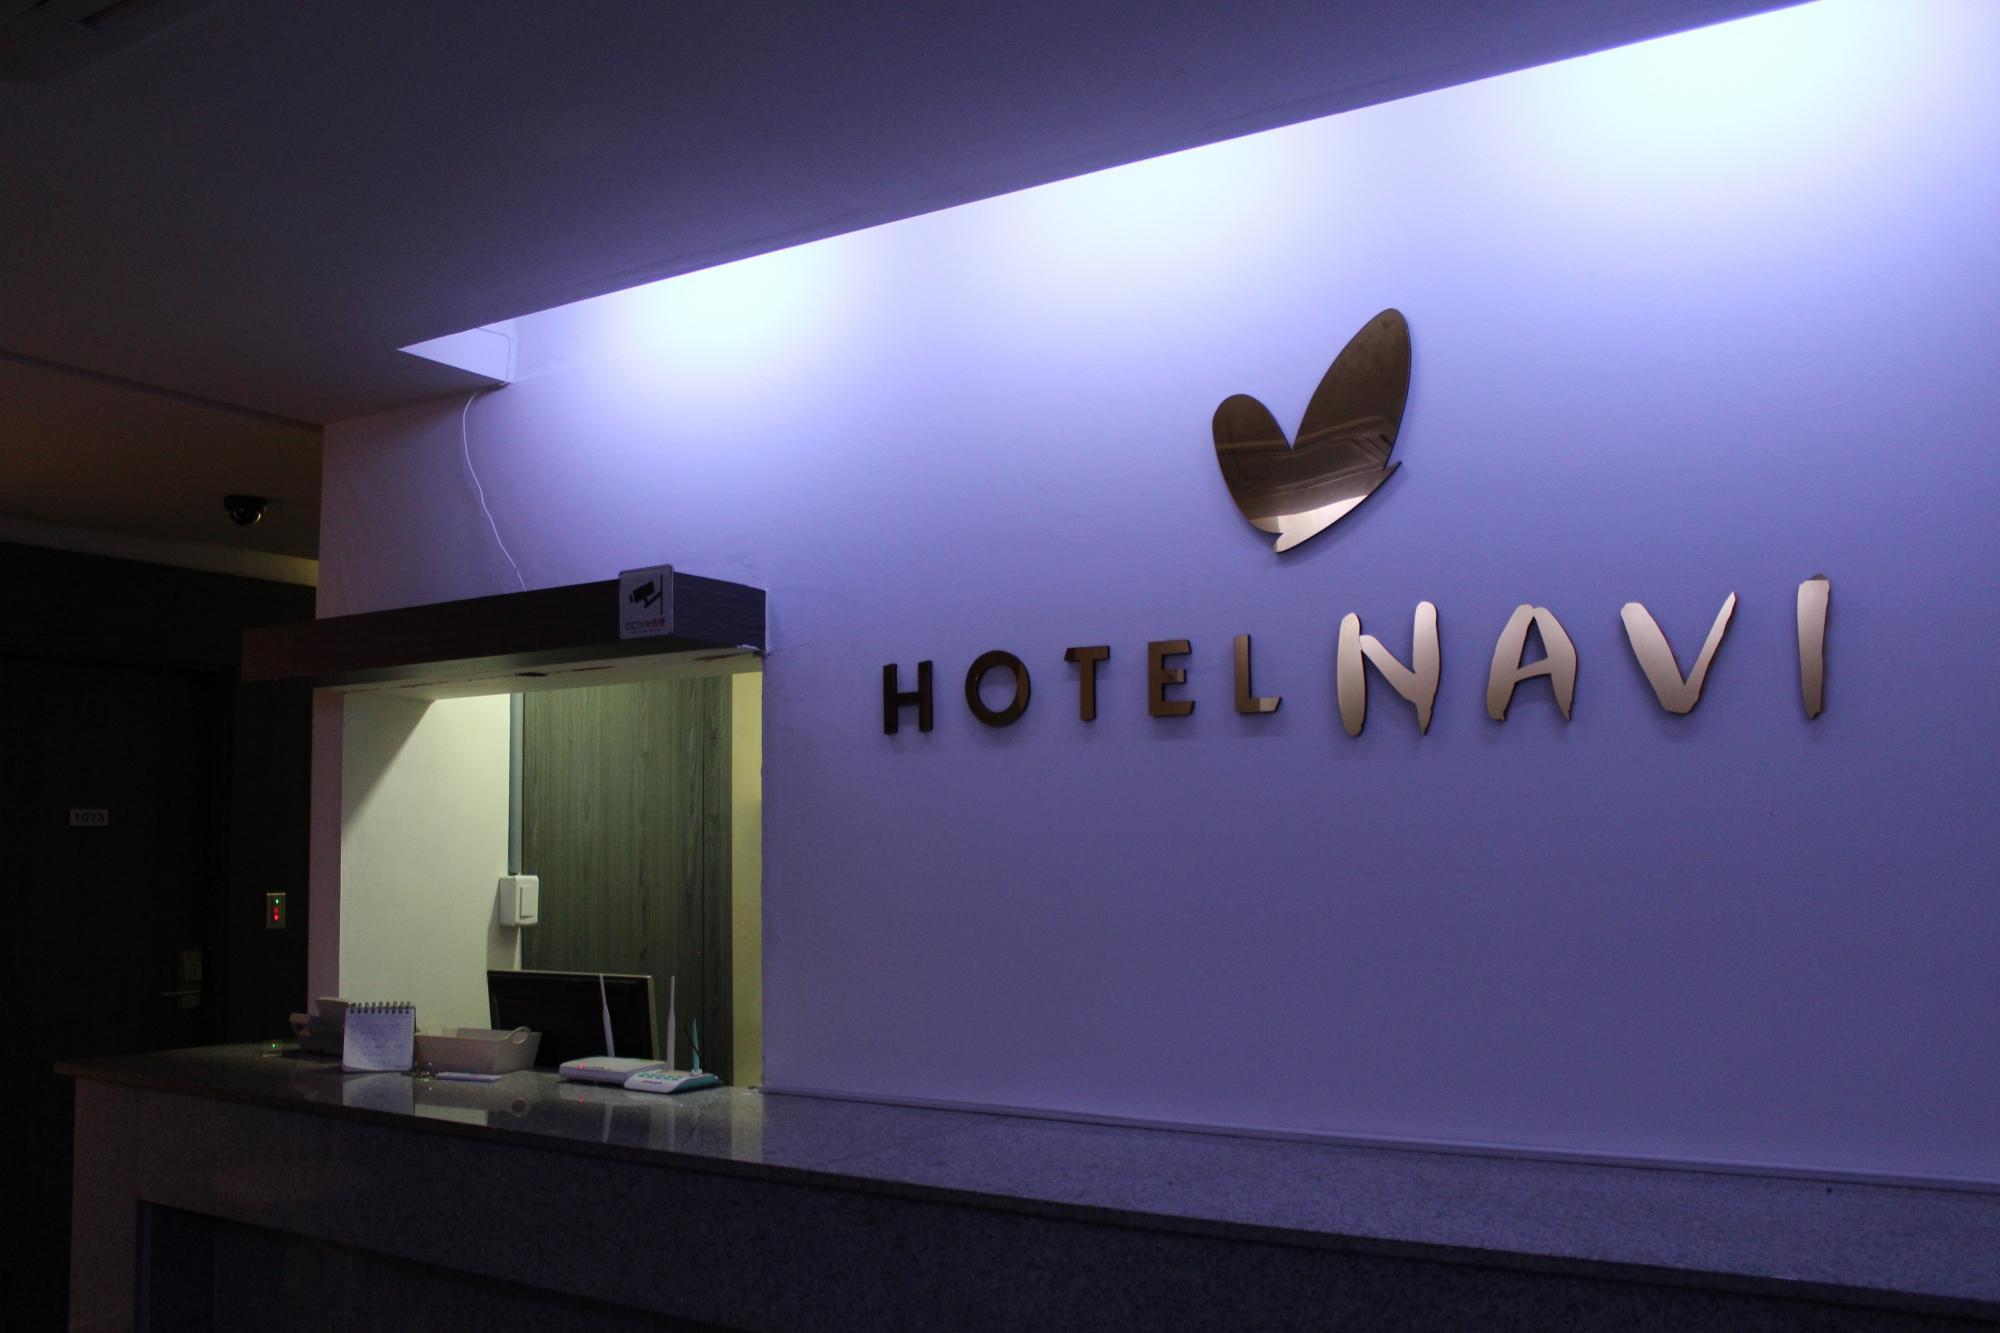 Navi Hotel